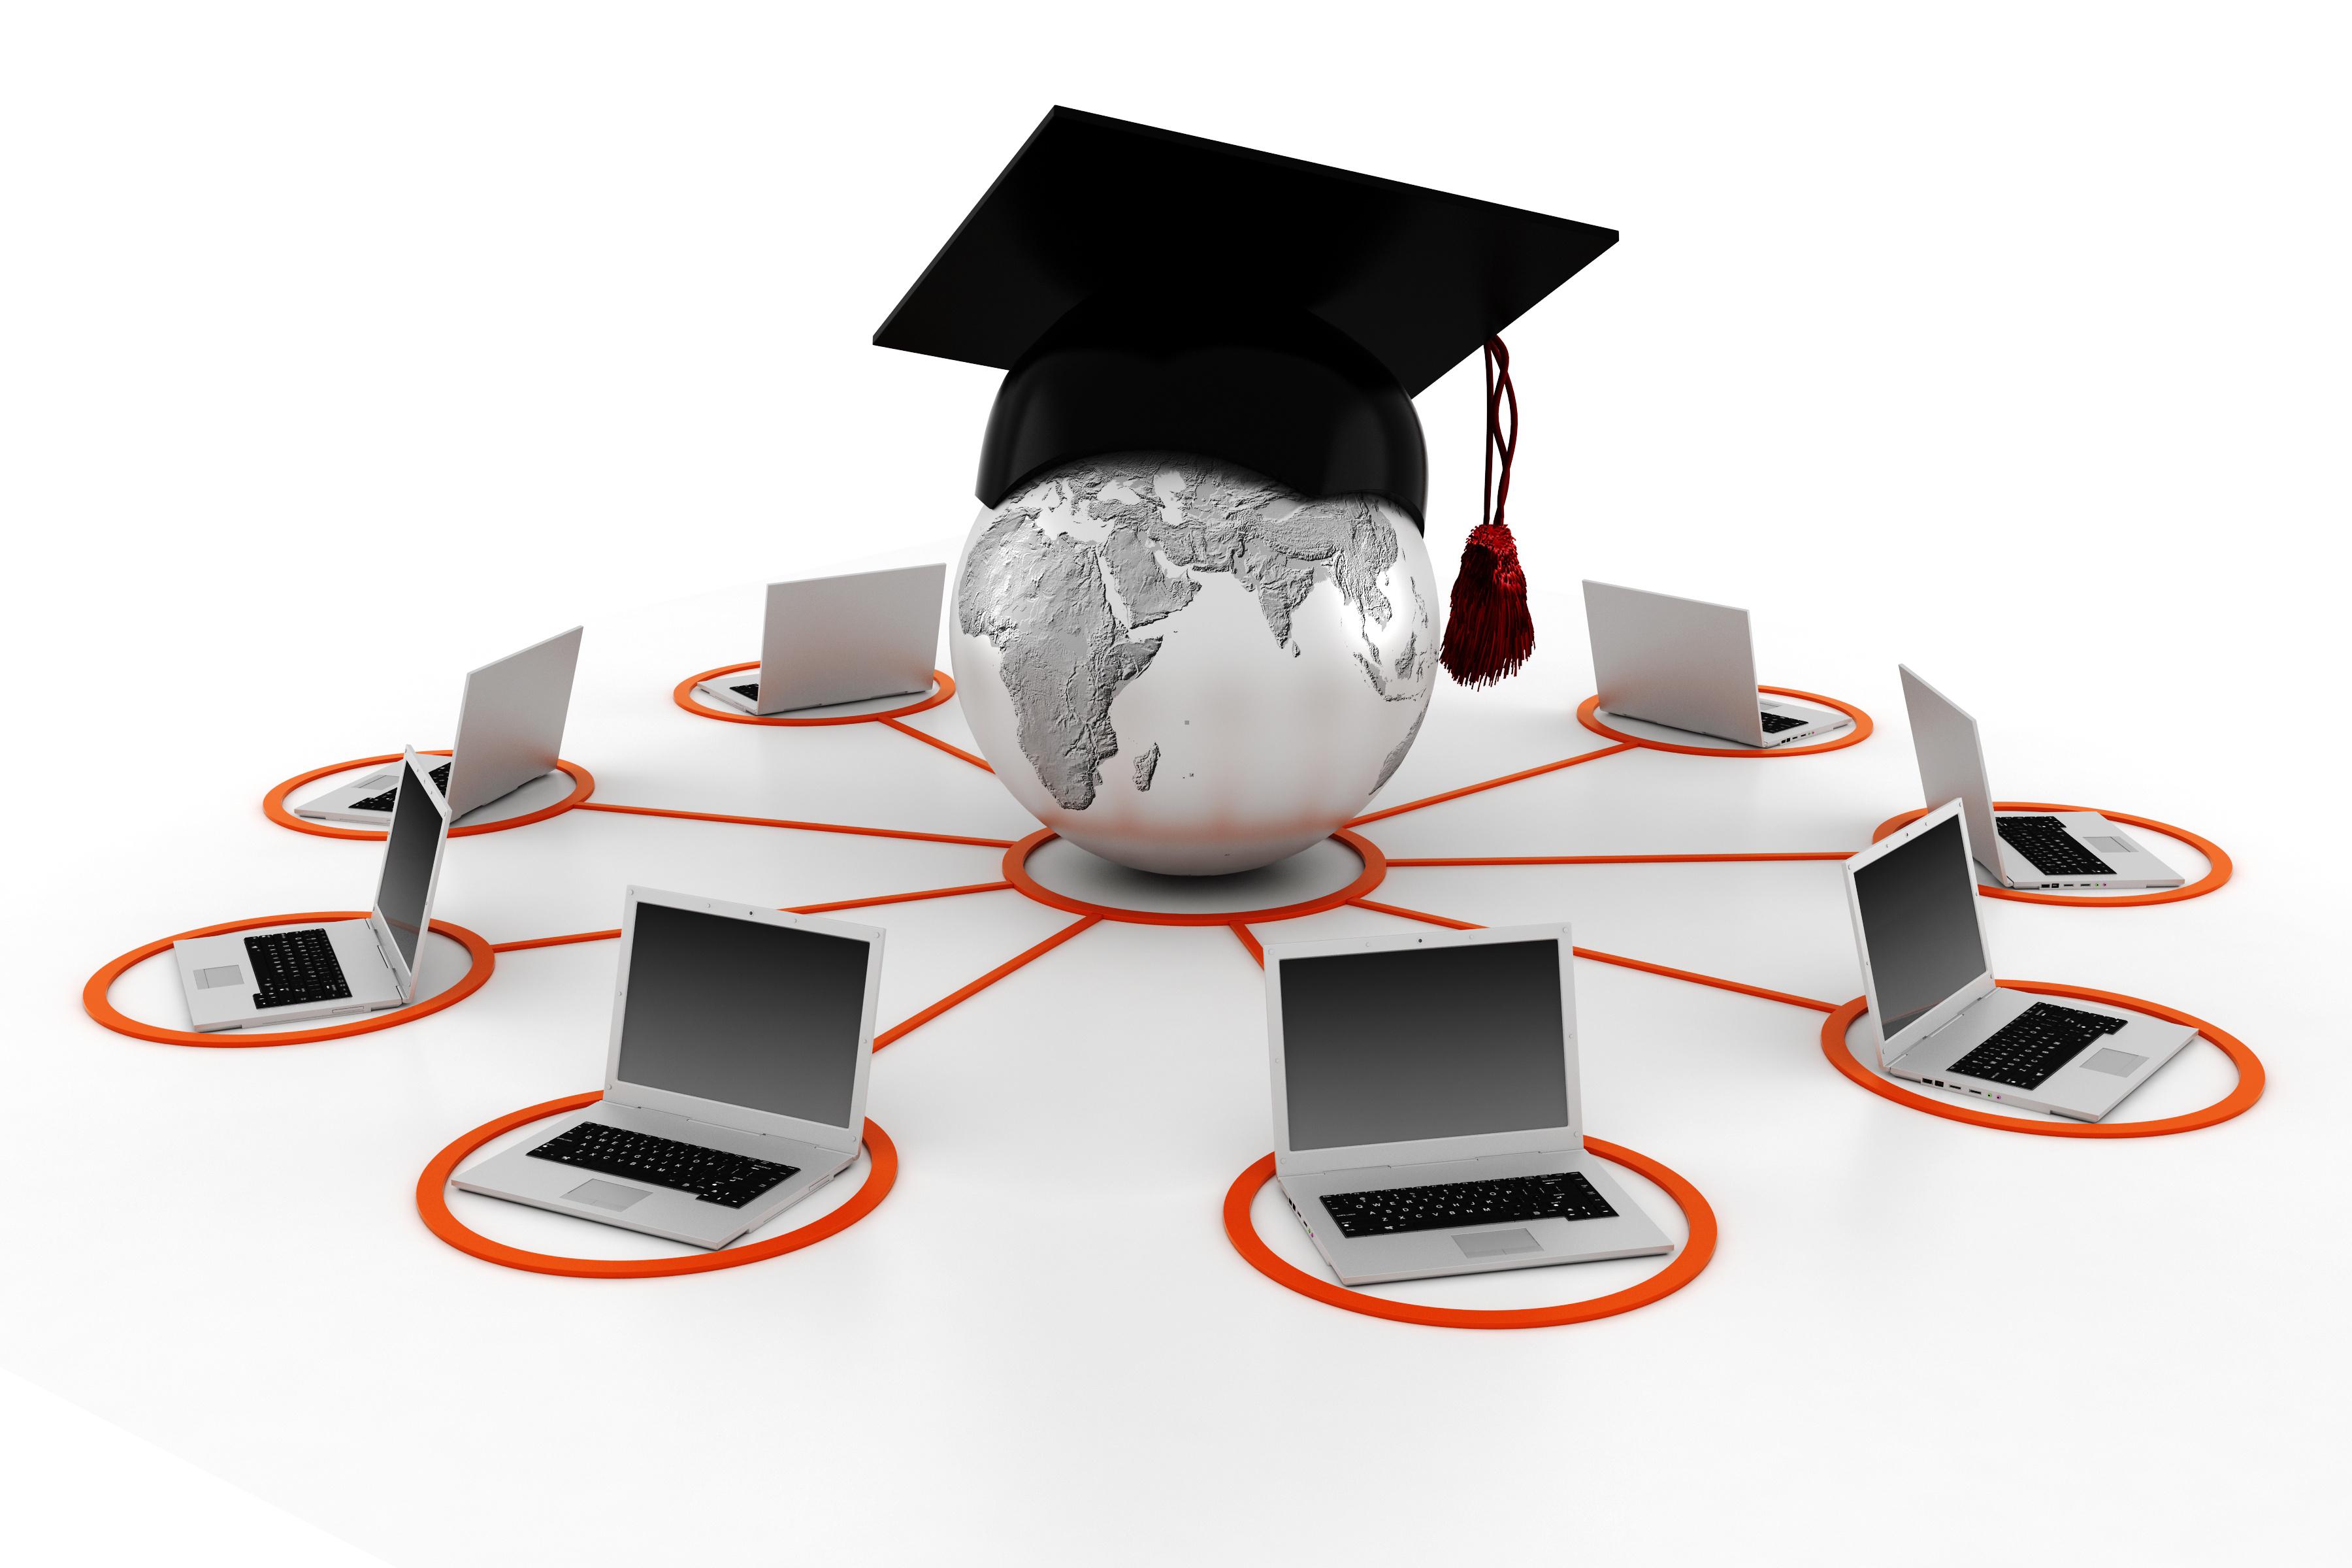 Методика конструктивной коммуникации преподавателя и студента в условиях дистанционного обучения